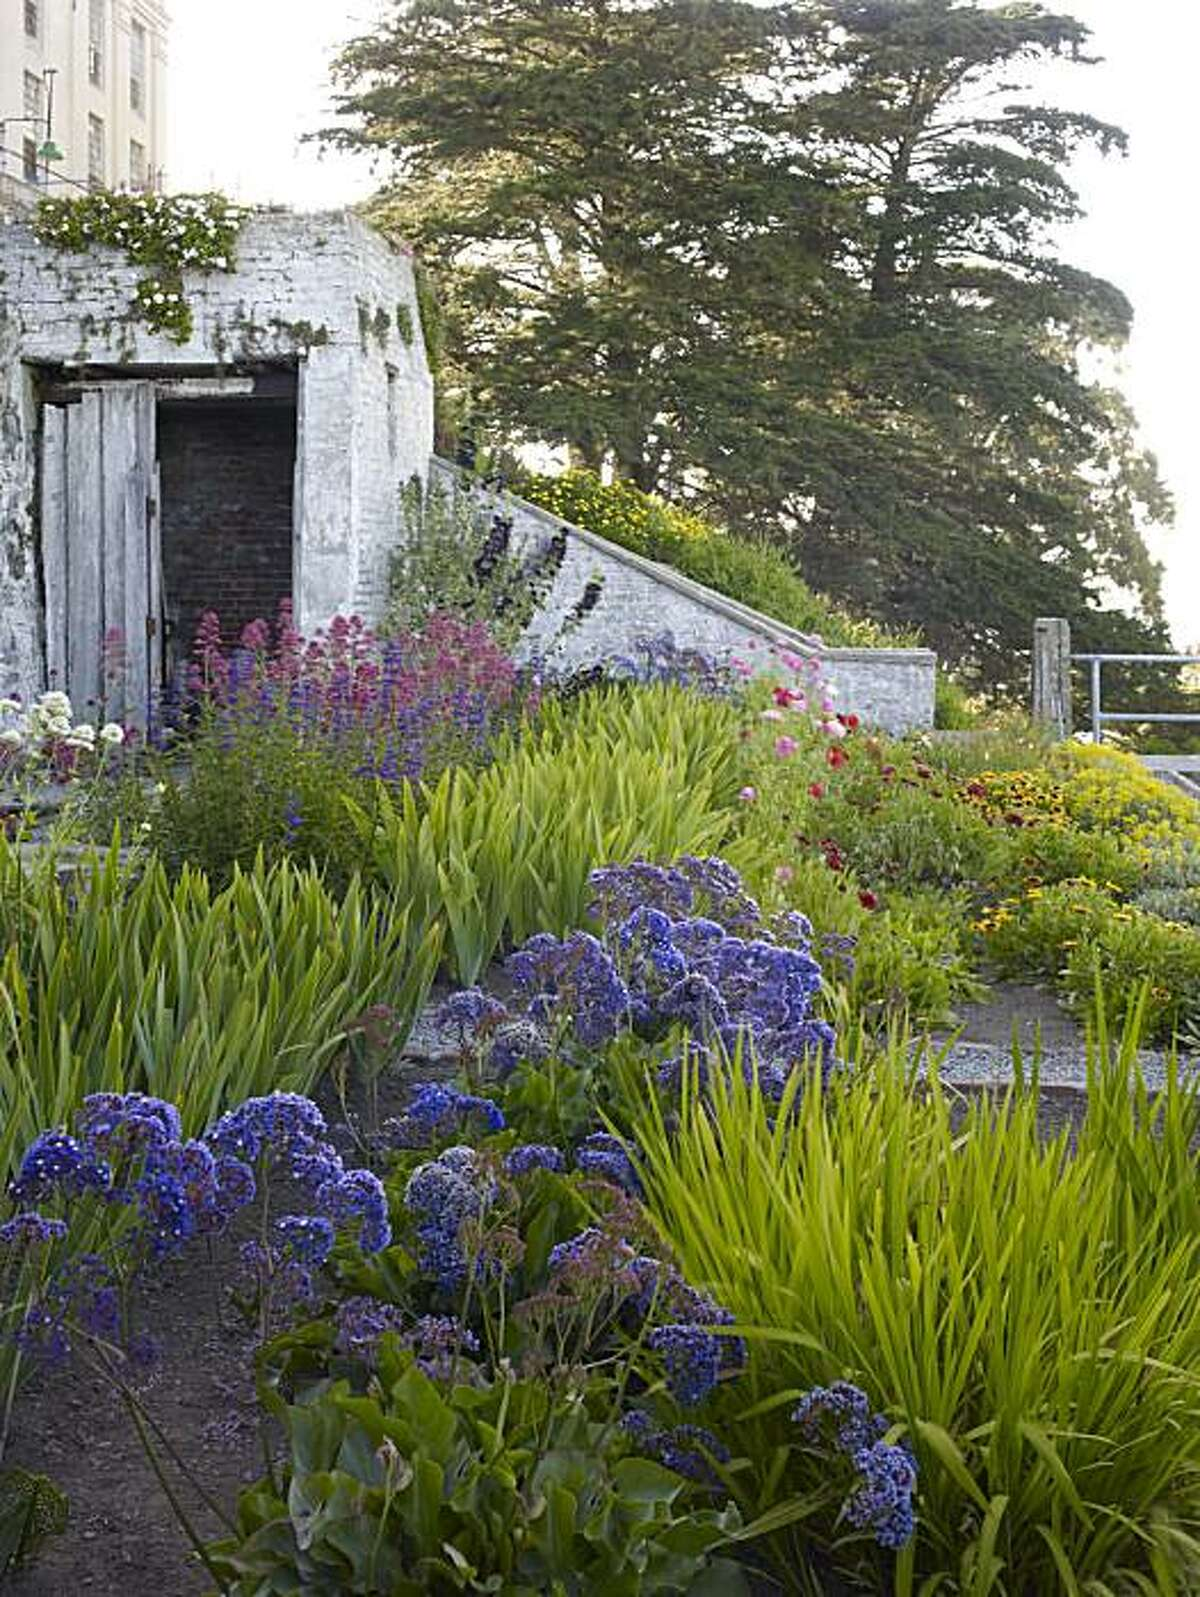 The gardens at Alcatraz